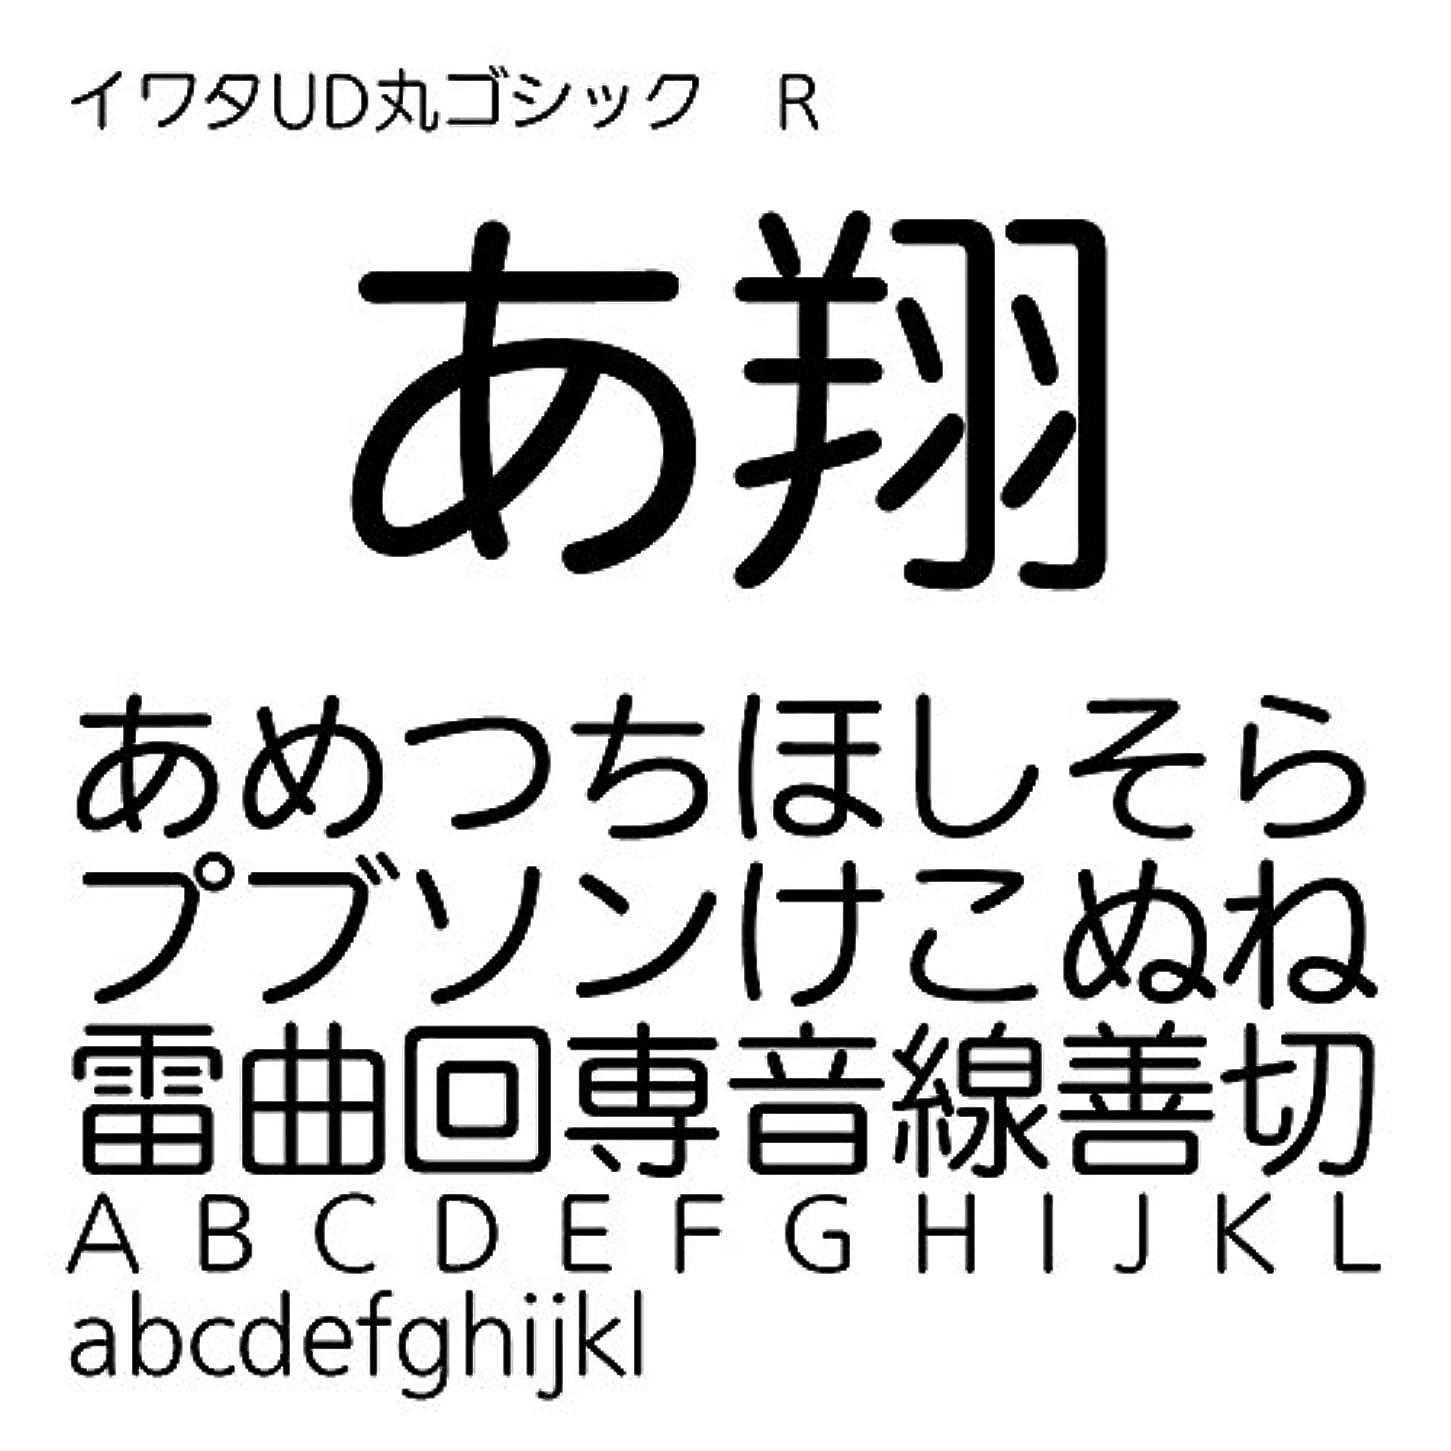 ビバ怖がって死ぬブリードイワタUD丸ゴシックR TrueType Font for Windows [ダウンロード]